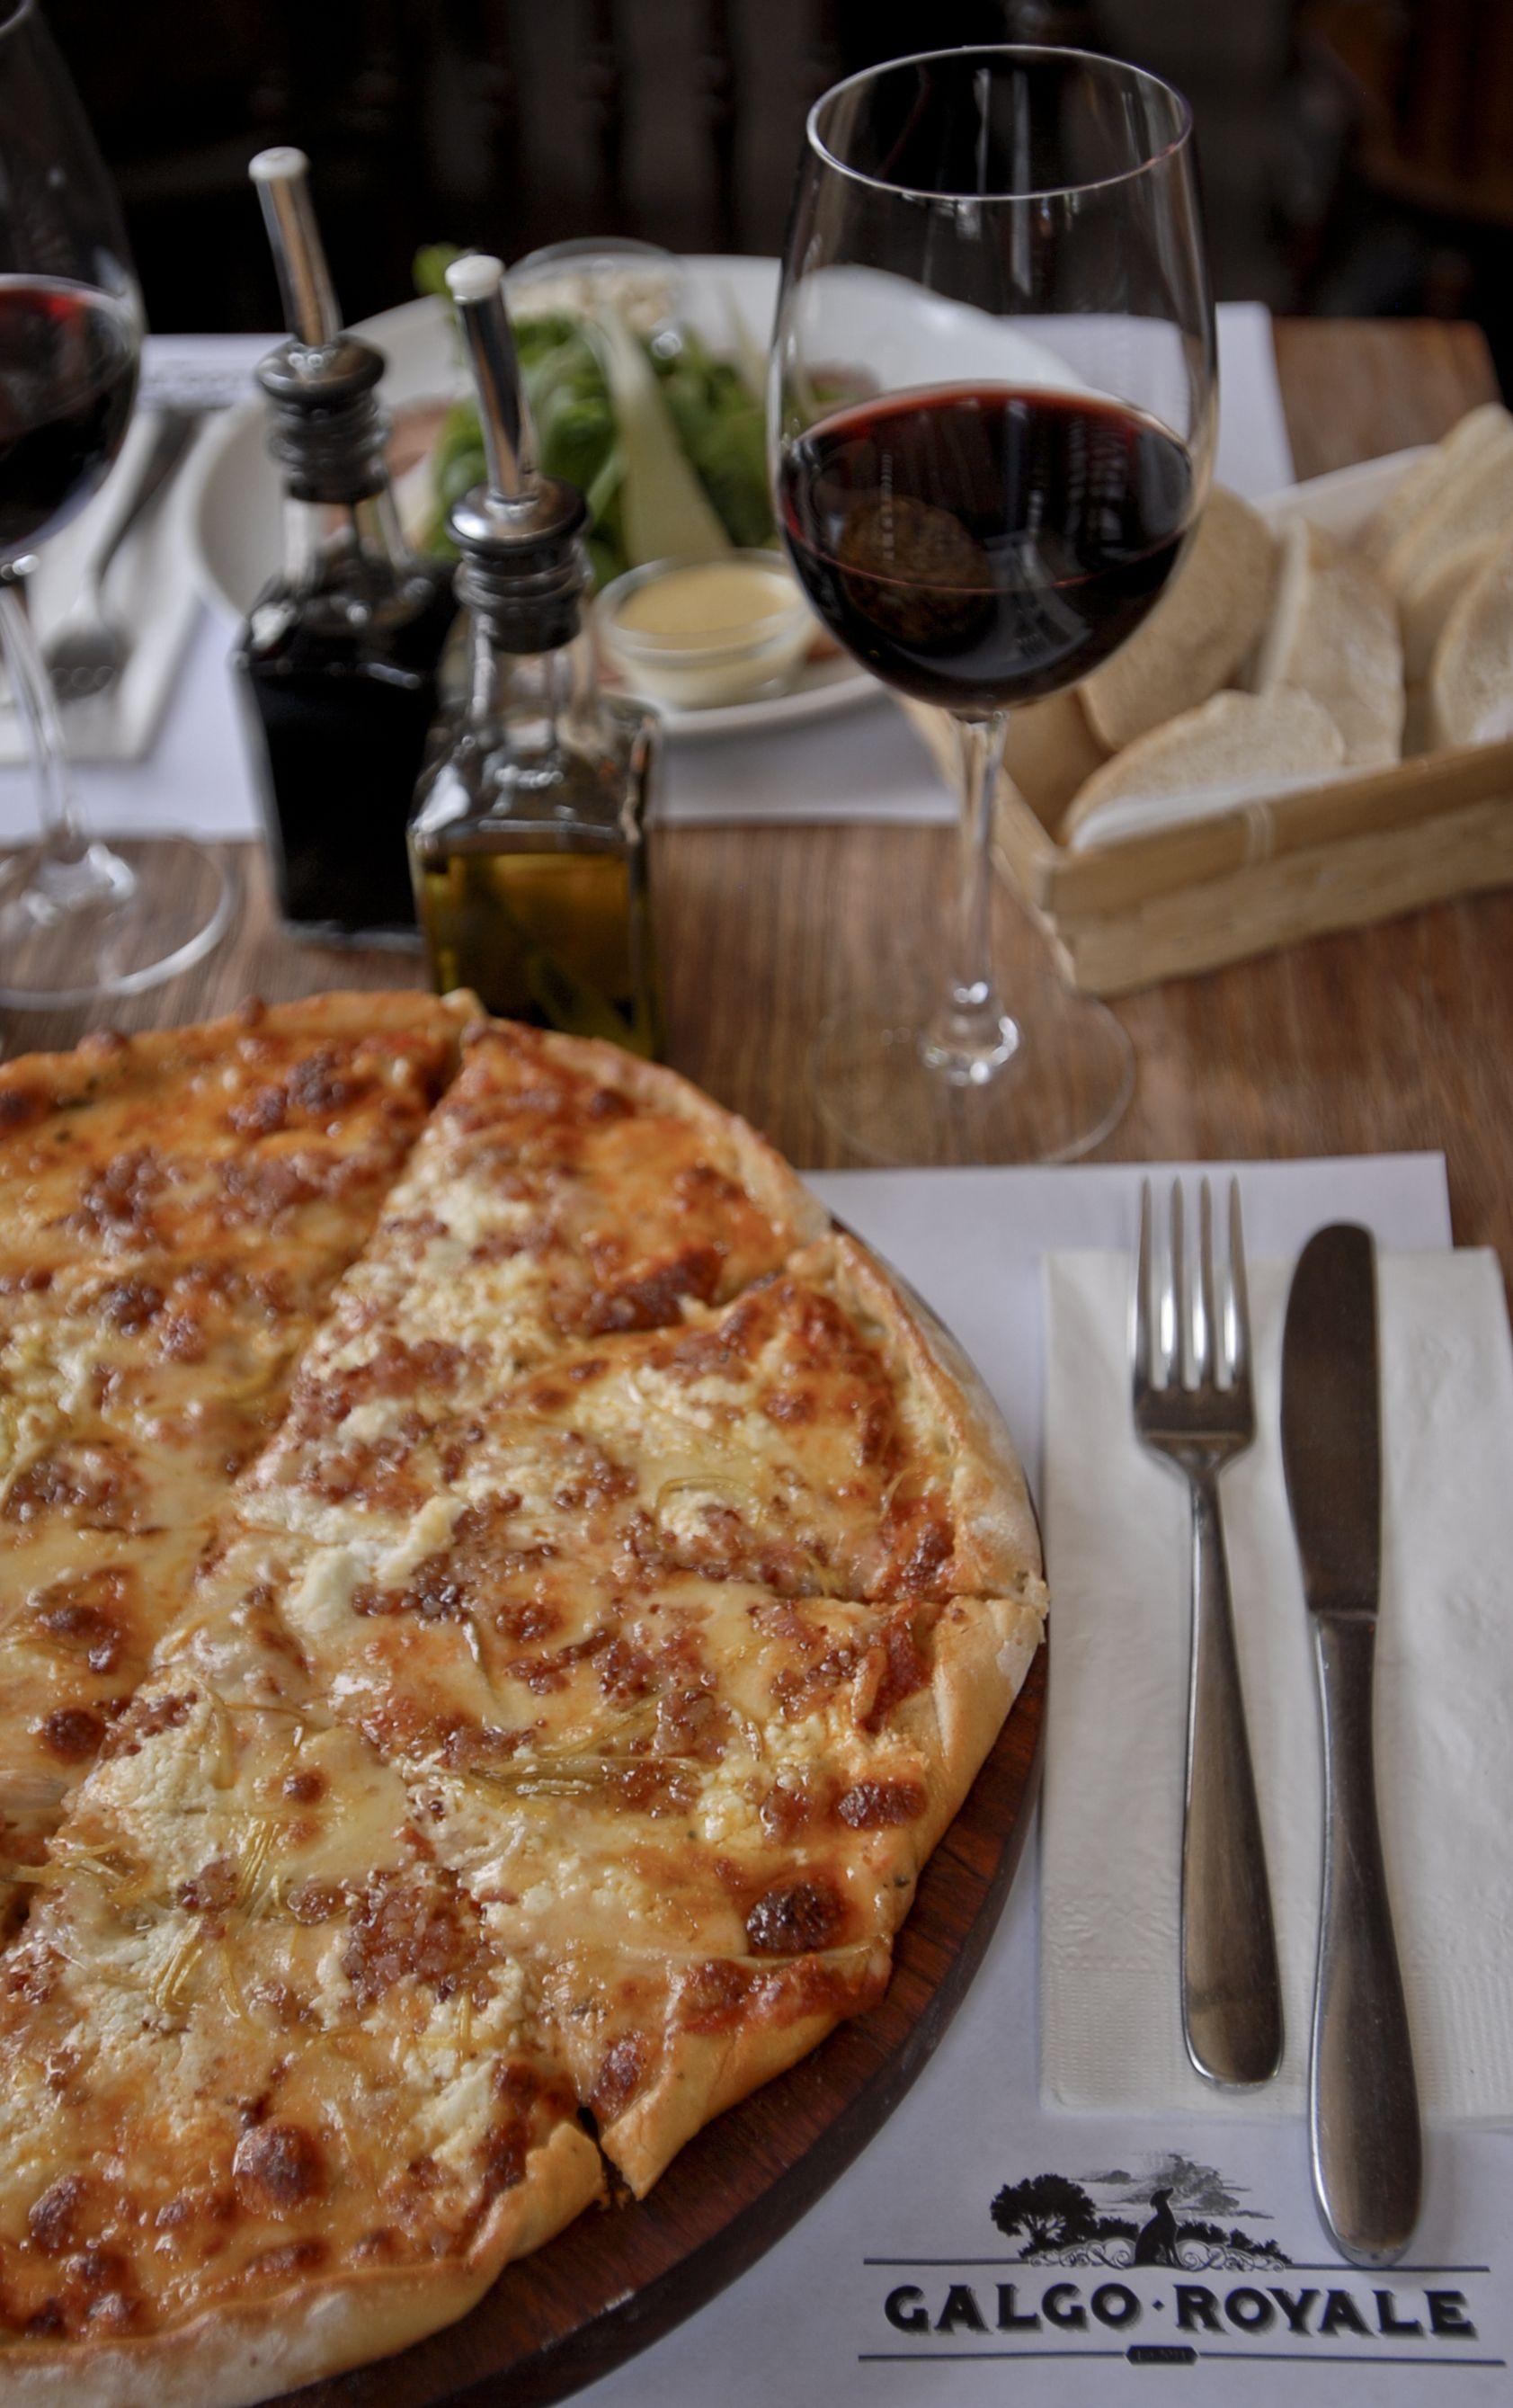 Todos los platillos de este restaurante se preparan al horno y hay buena variedad en cuanto al men. Algunos ejemplos son los medallones con vegetales caramelizados pasta con jitomate y aceite as como una gran variedad de pizzas.